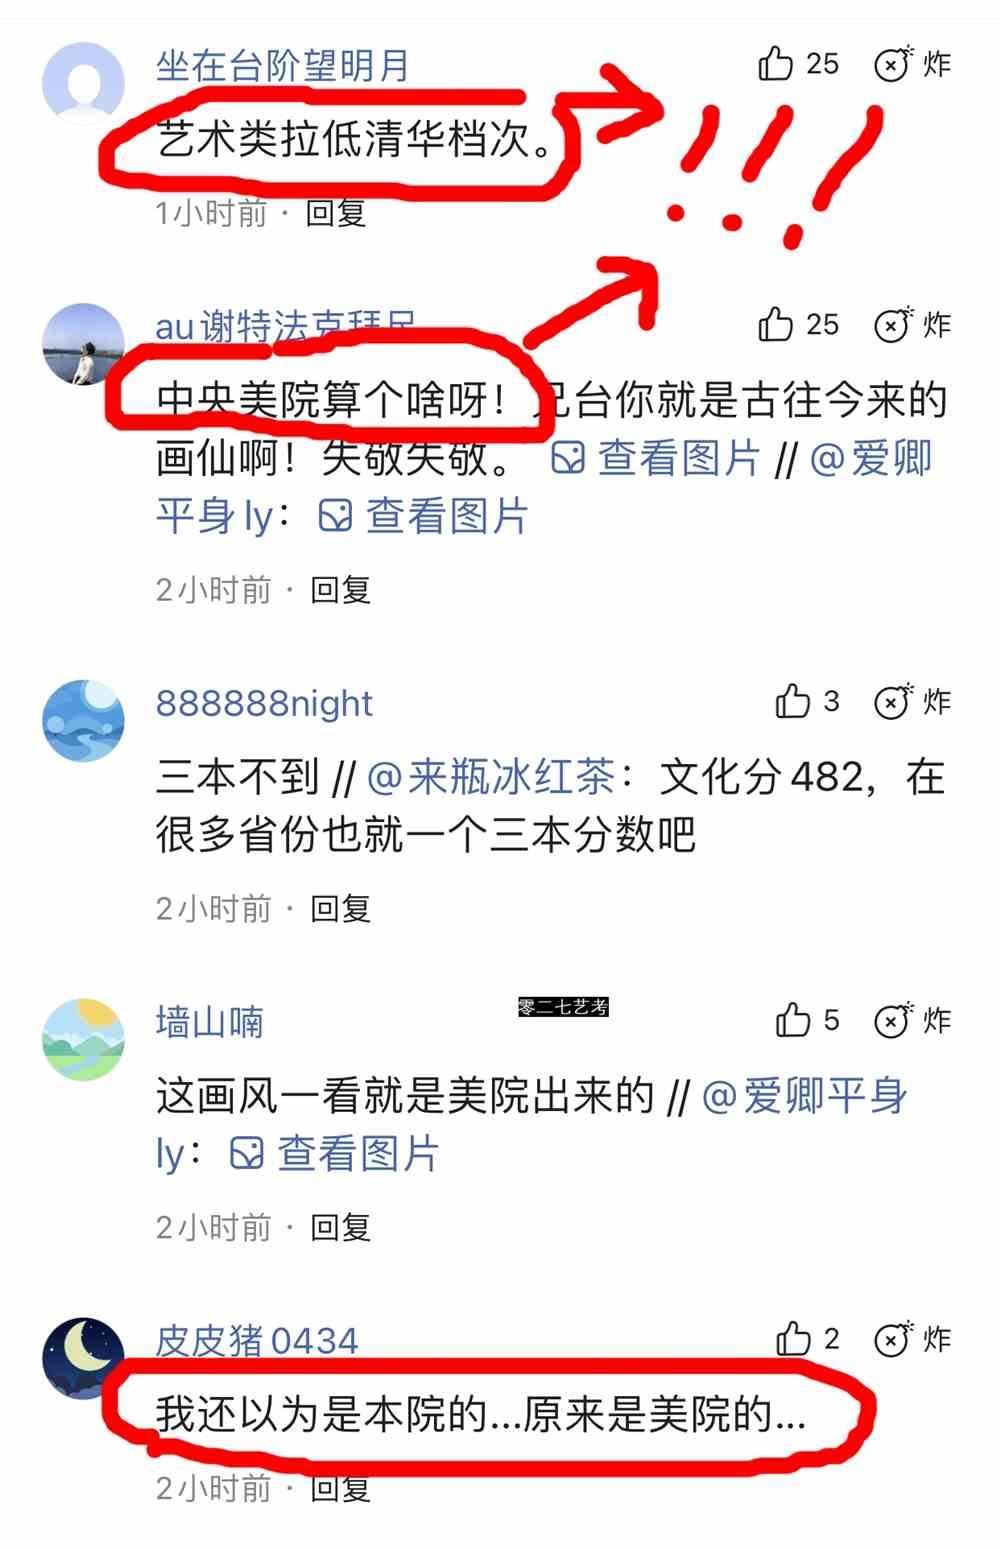 寰俊鍥剧墖_20201122125923.png